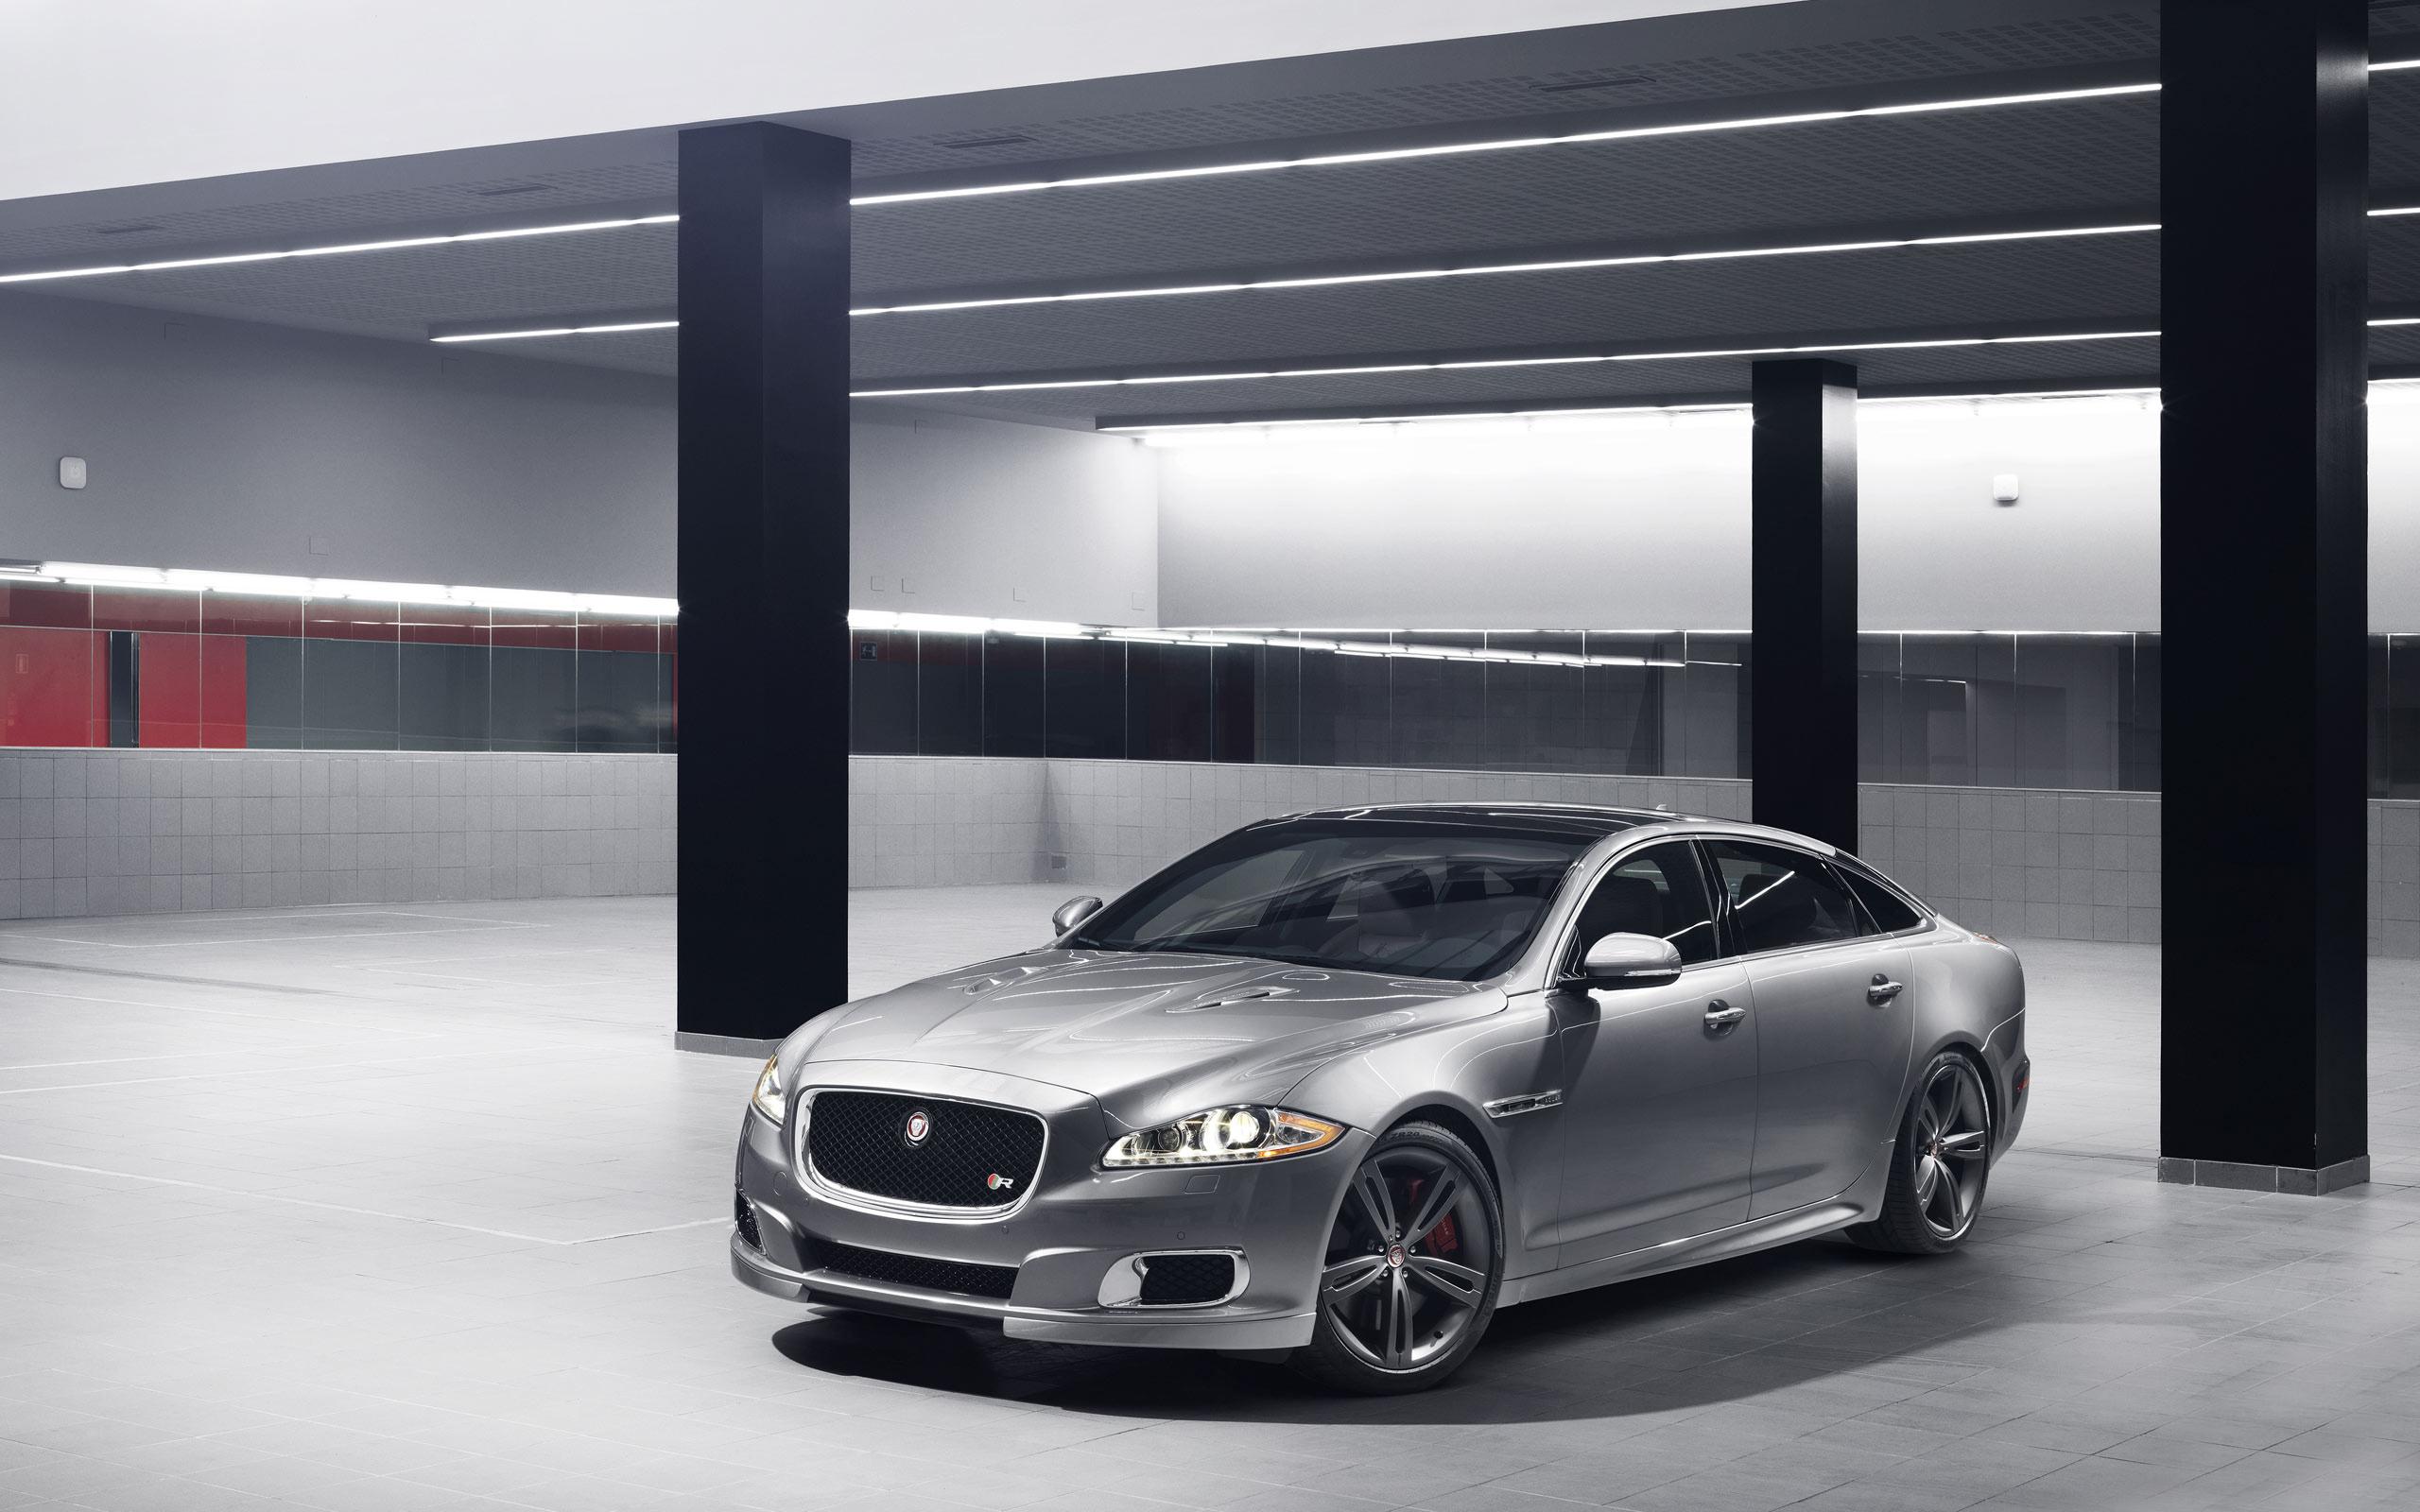 Jaguar XJR For Sale in North Carolina - Carsforsale.com